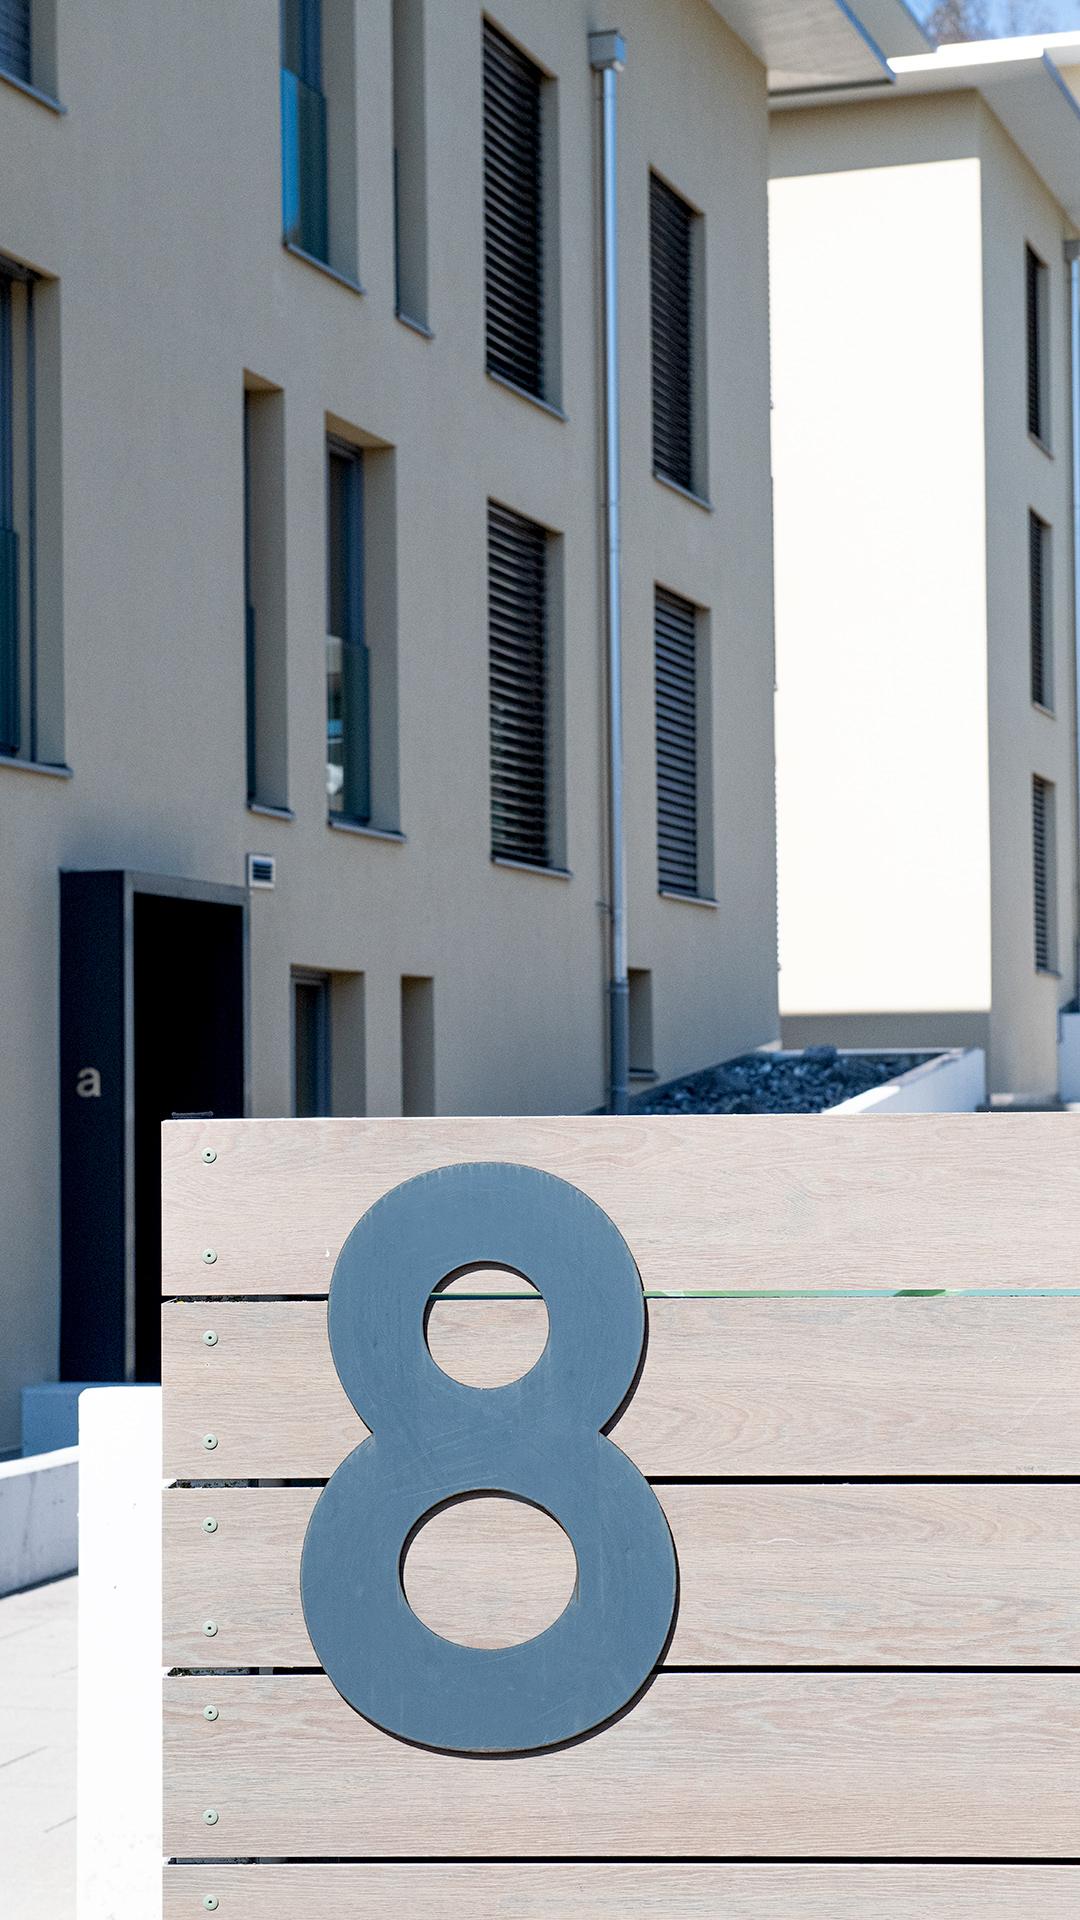 Hubli und Landolt AG, Referenzen, Wohnbauten, Mehrfamilienhäuser